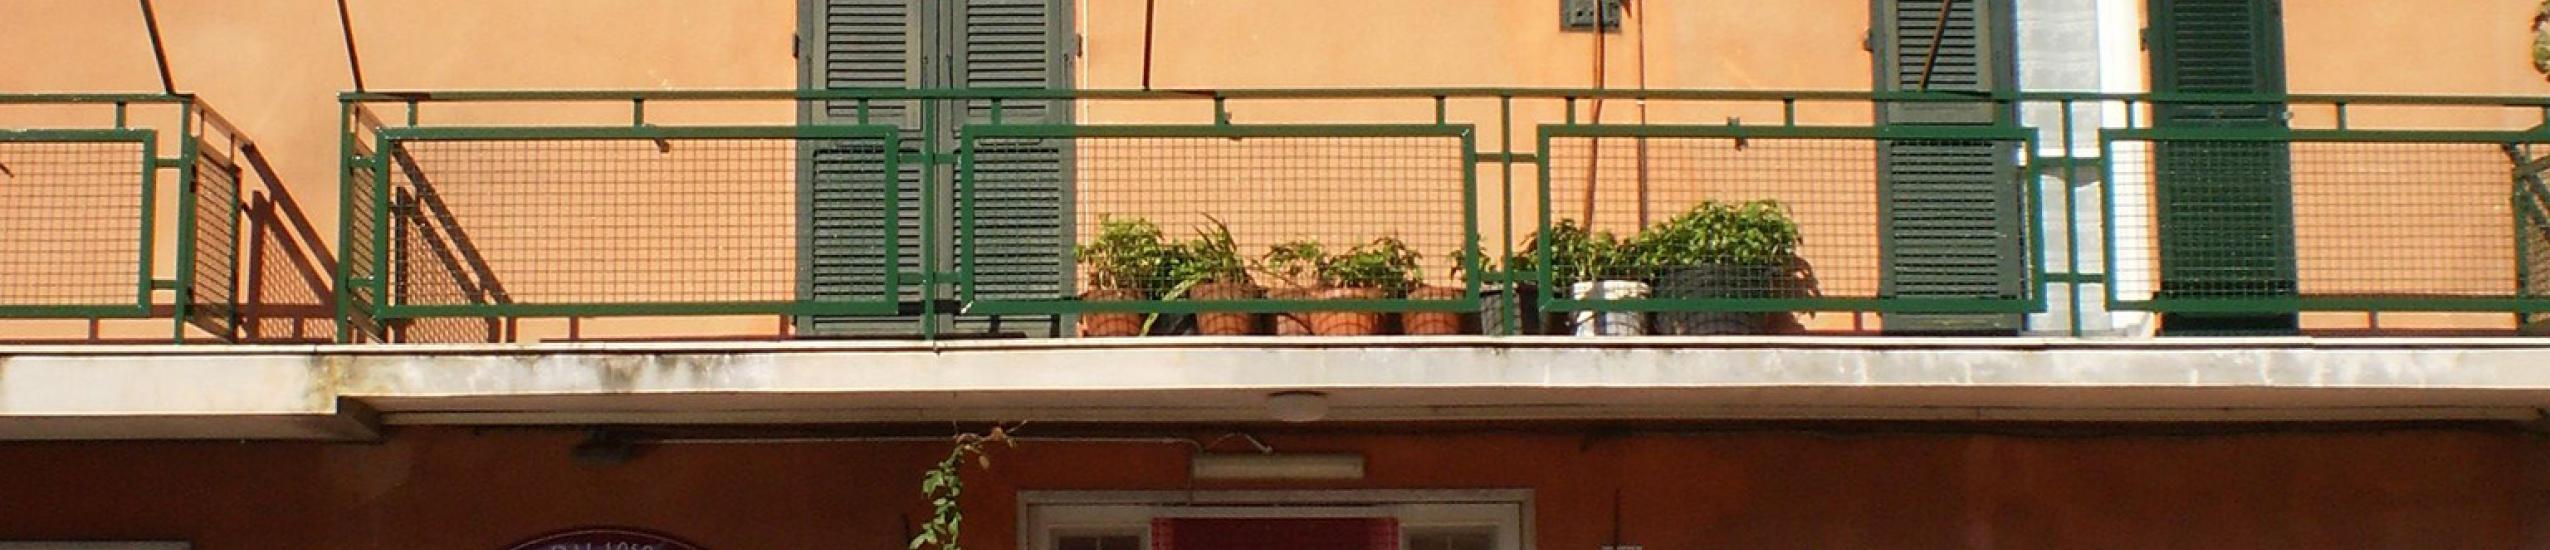 Macelleria Curotto Gianfranco